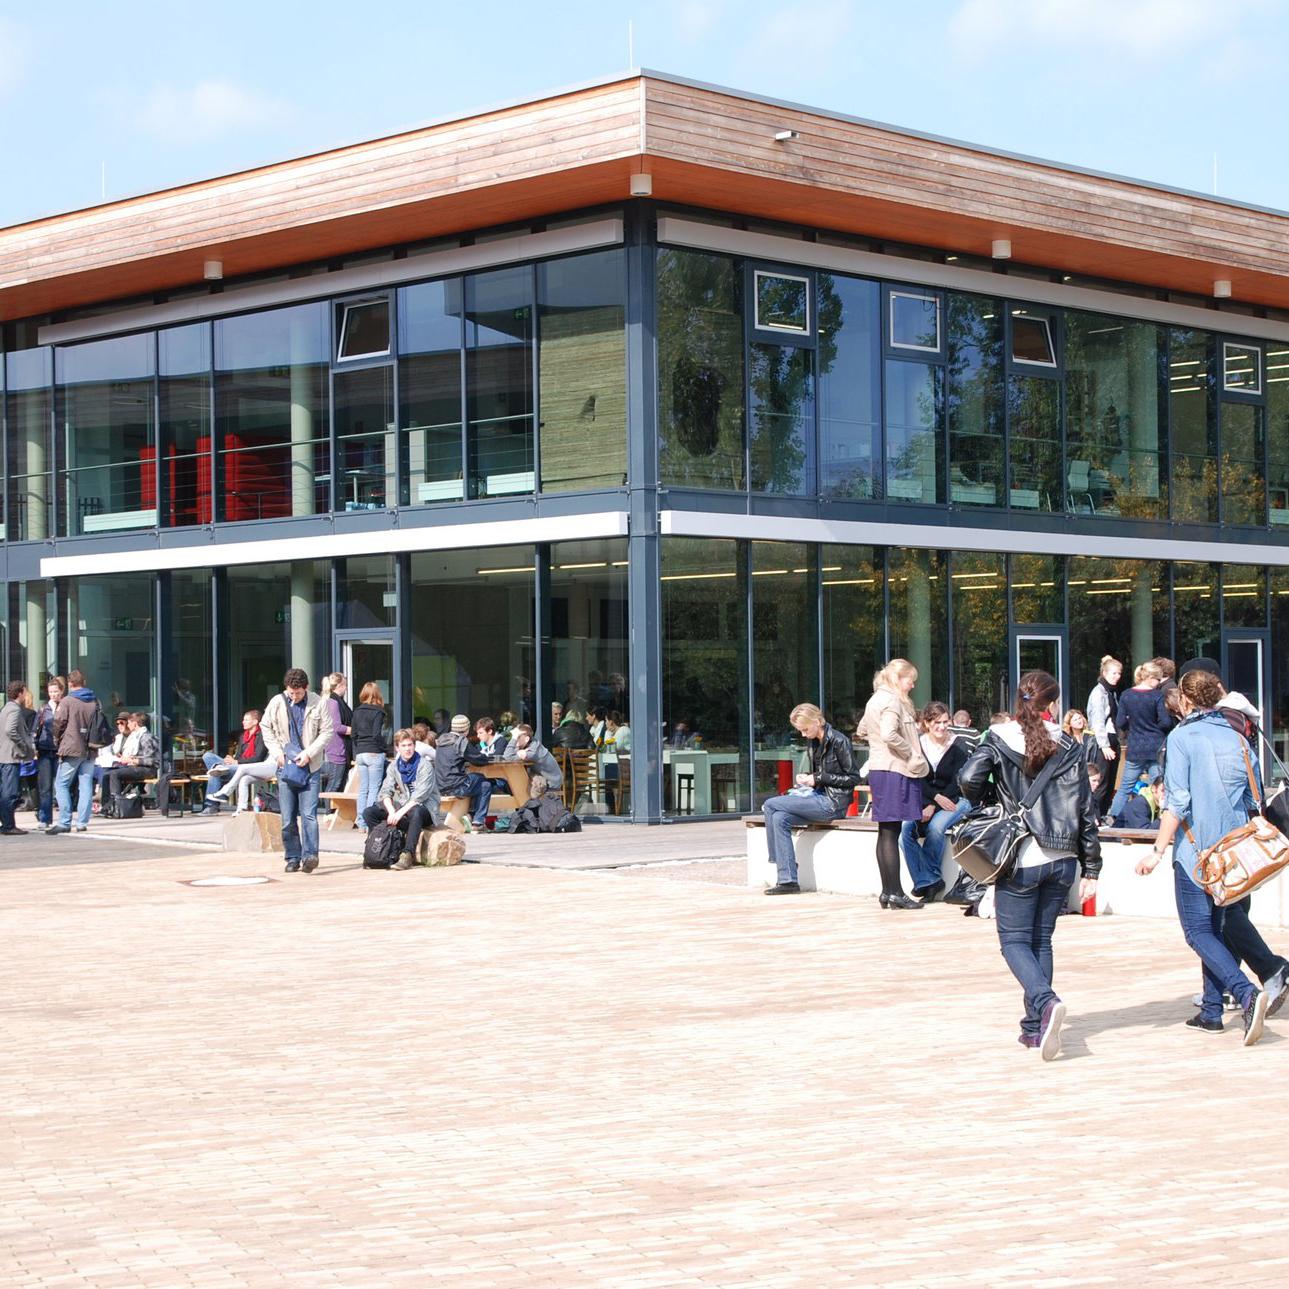 Die Studierenden der Alanus Hochschule für Kunst und Gesellschaft bewegen sich auf dem Campus